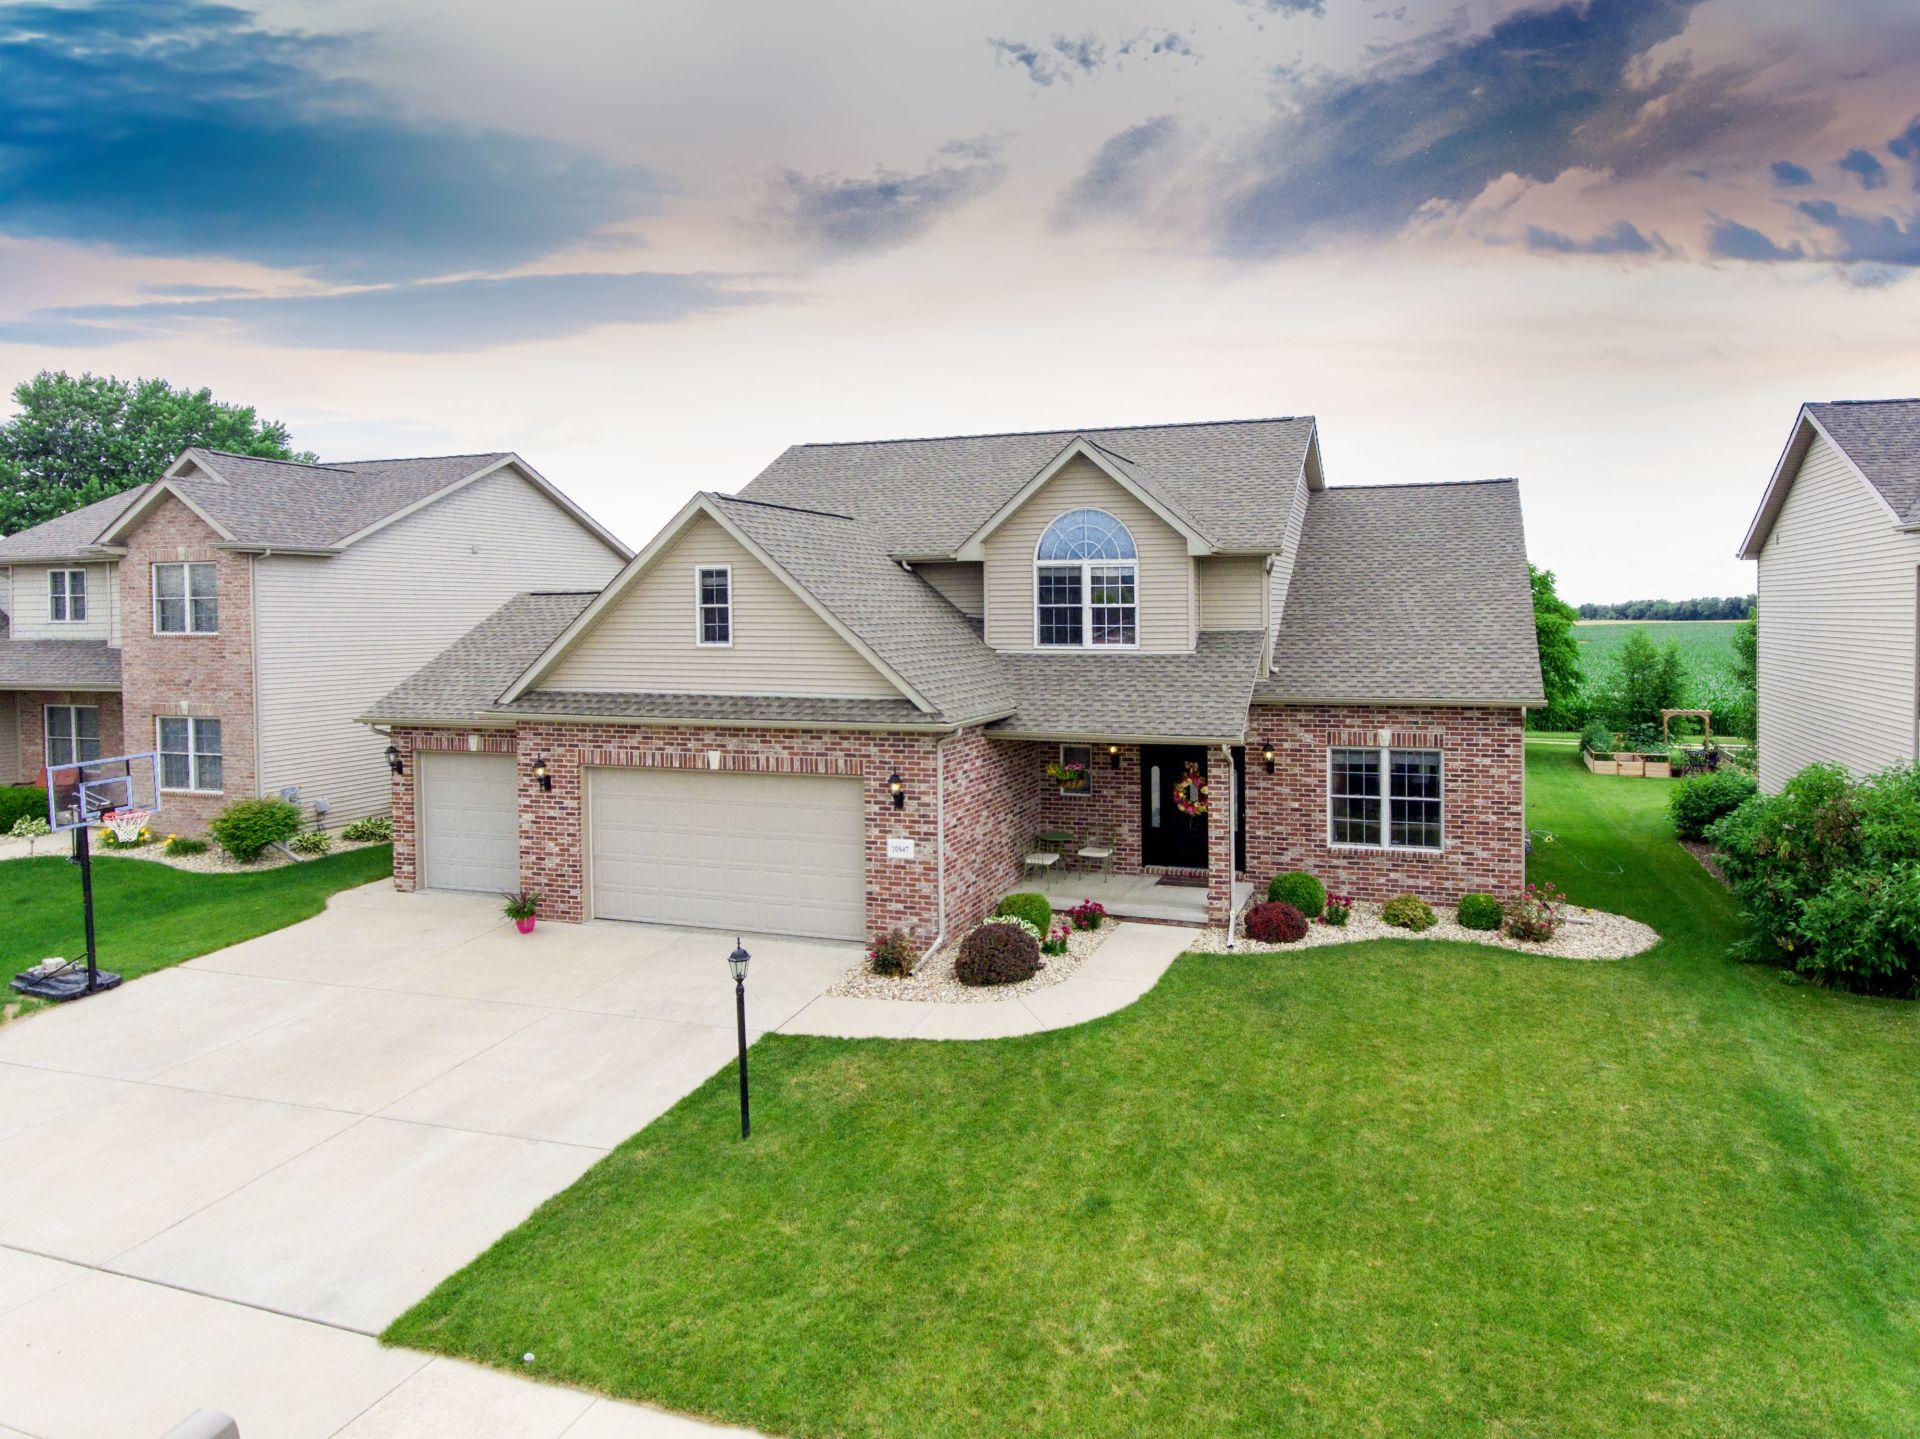 10847 N. Glenfield Drive, Dunlap – Trail View Estates!